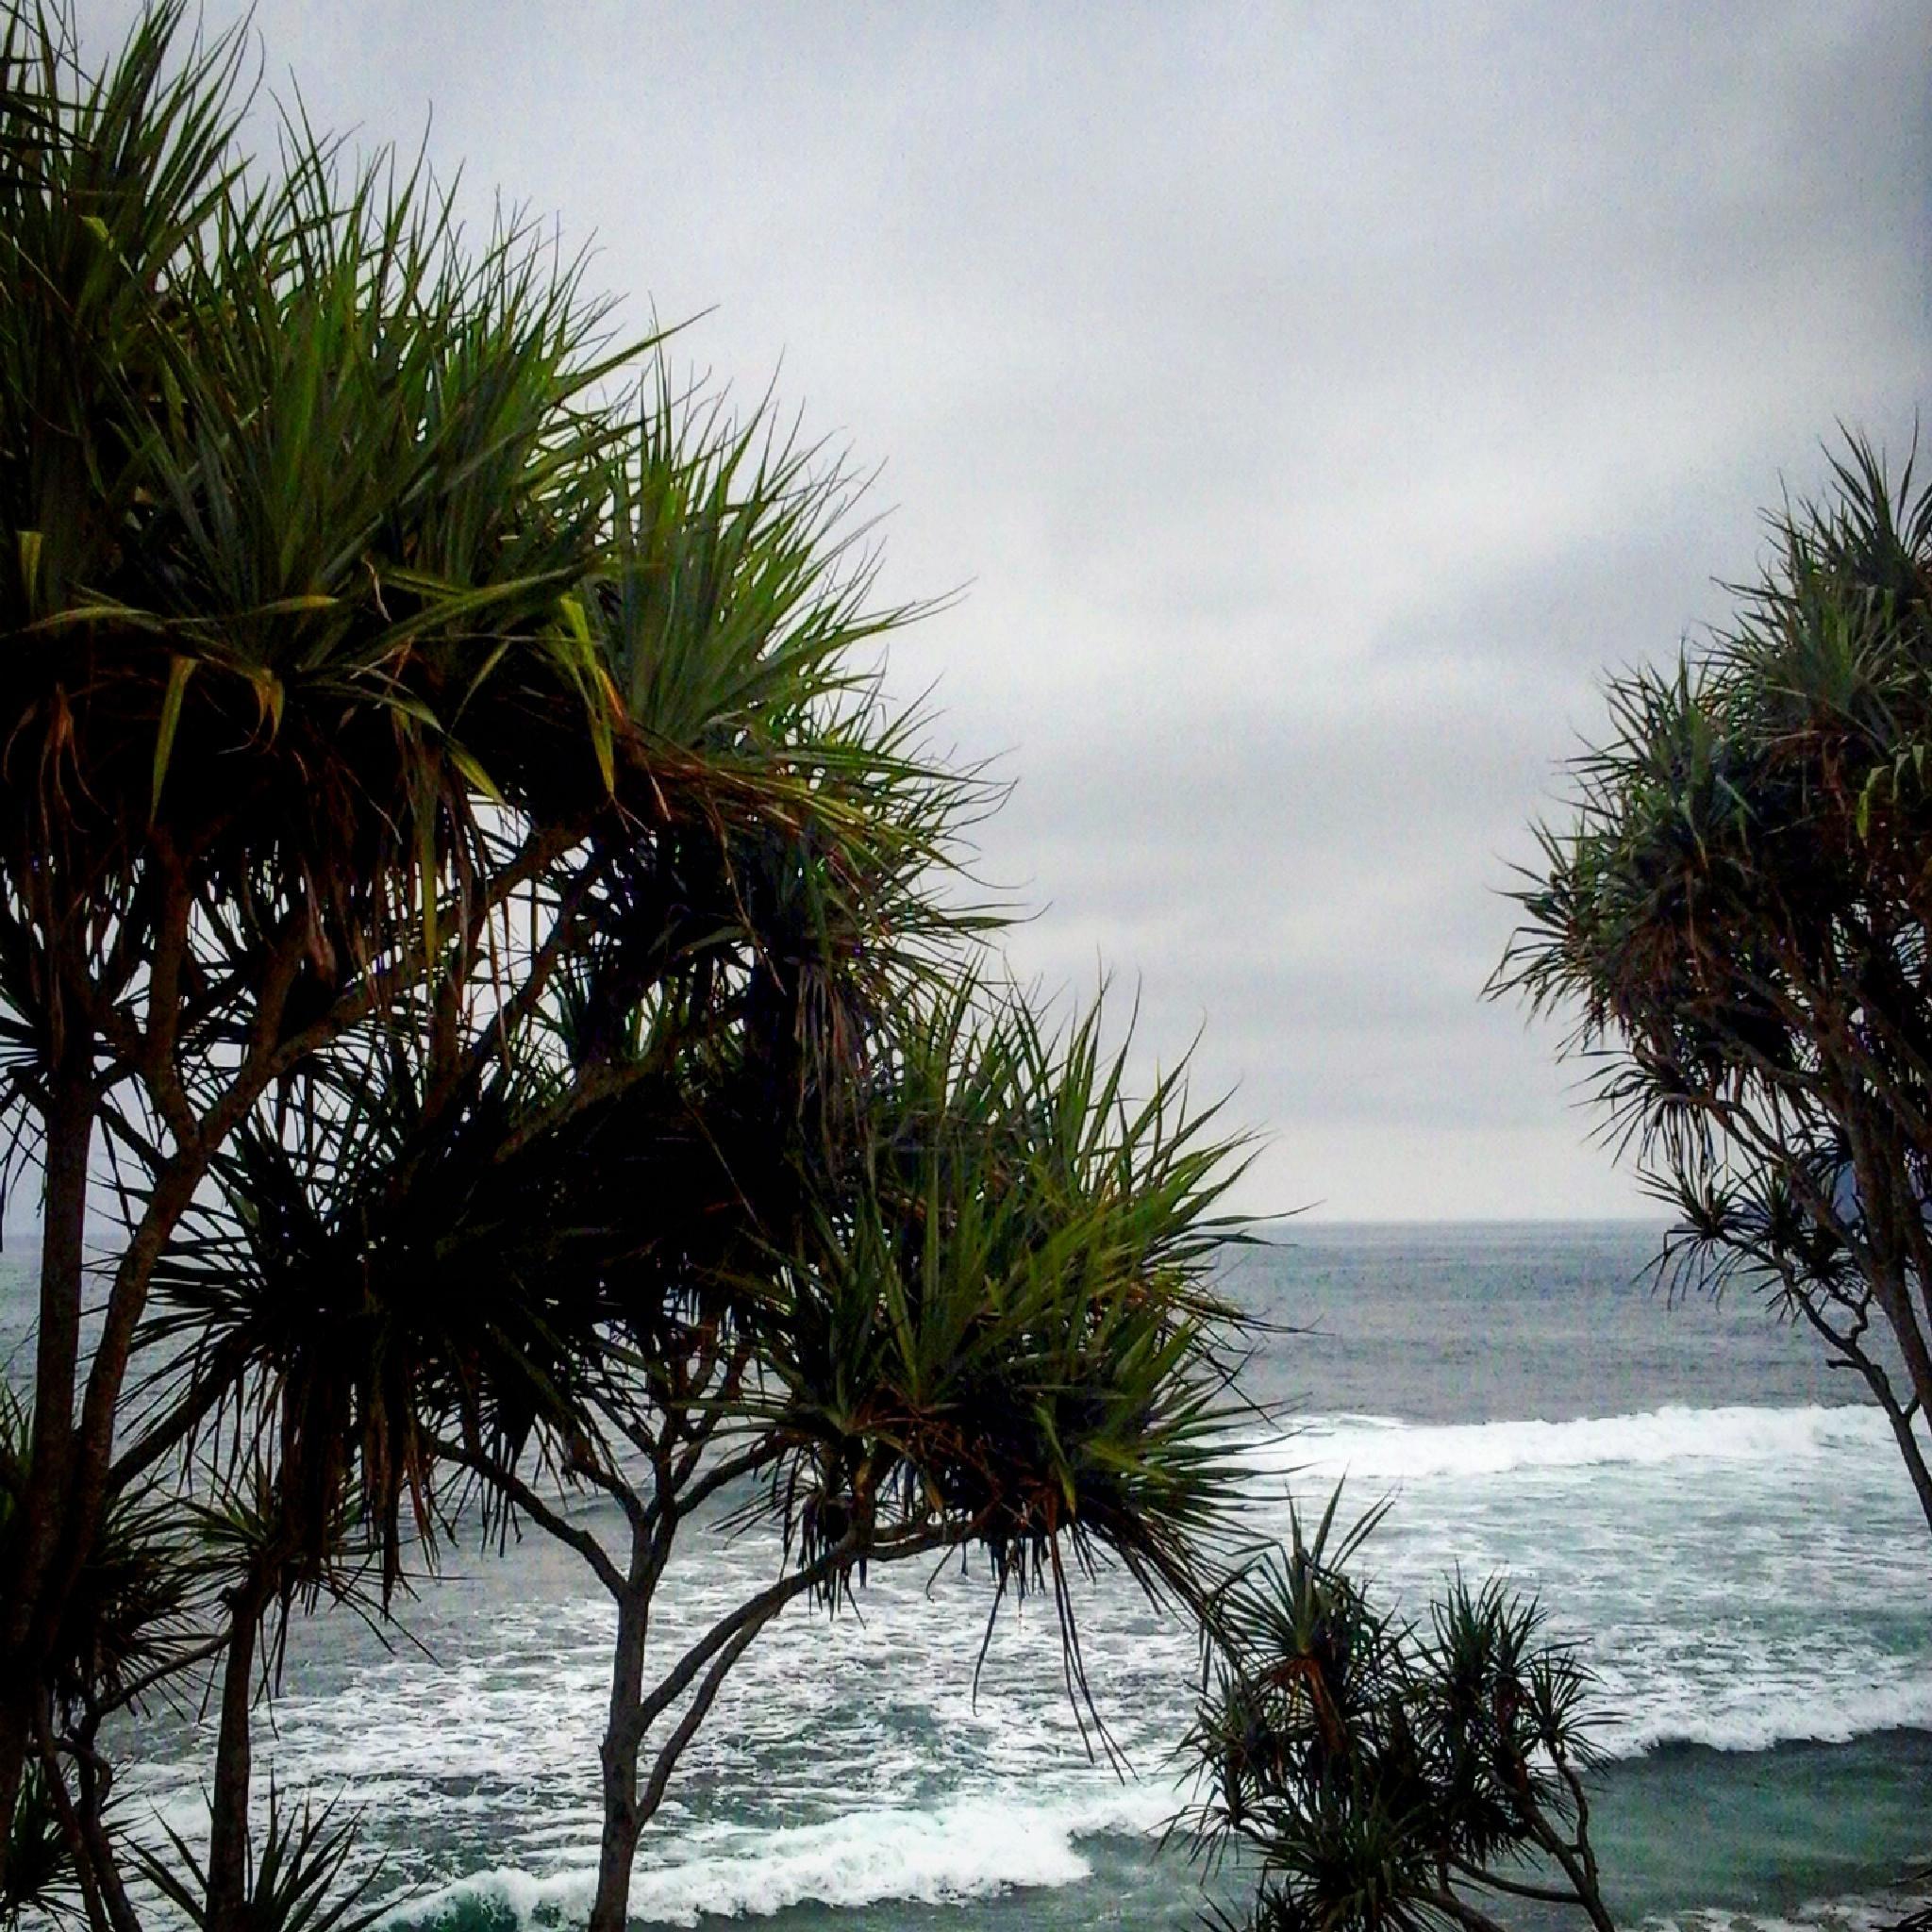 ...my beach,,,,, by sefiharini